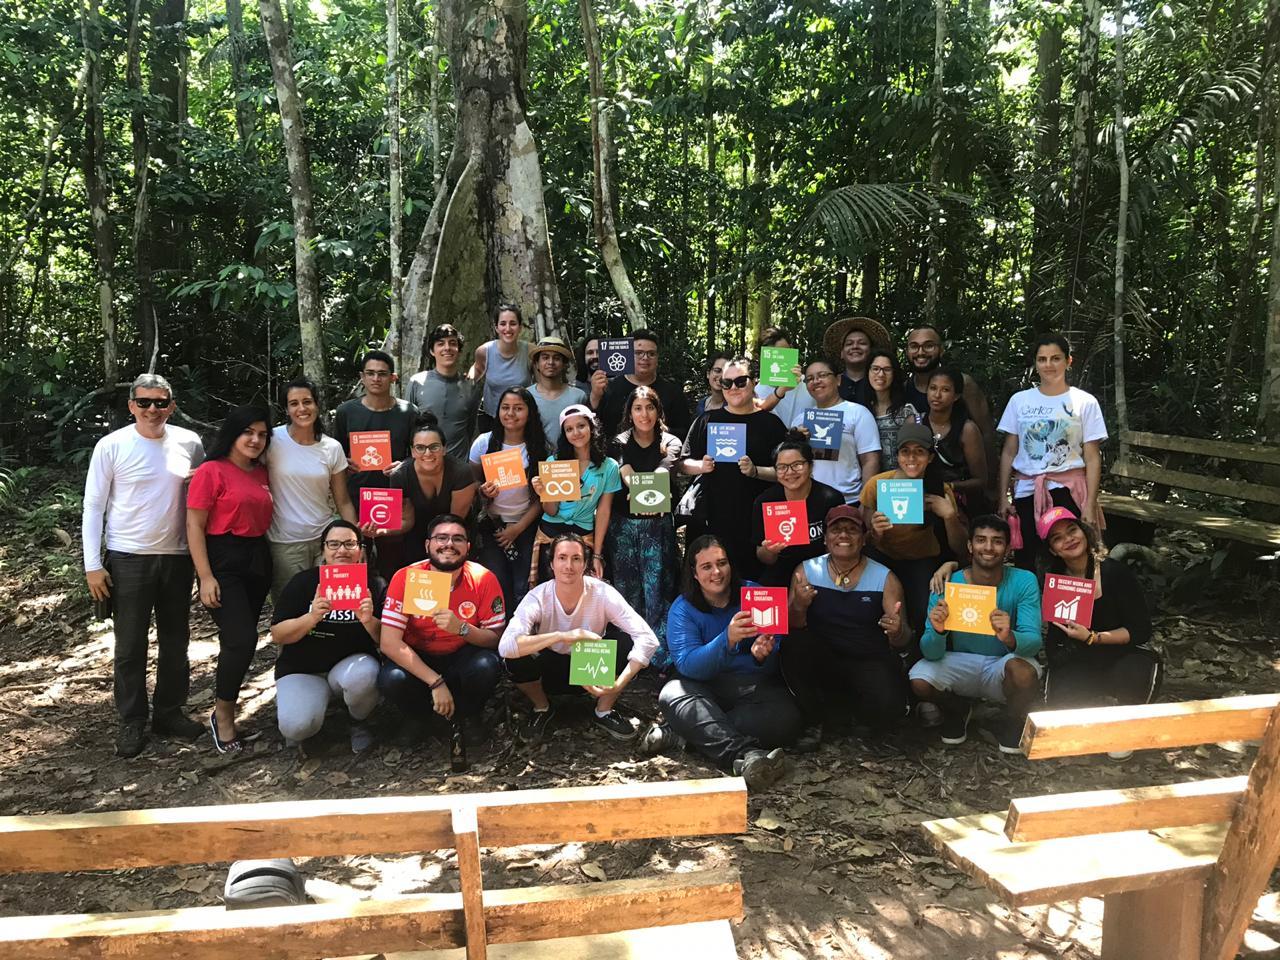 Conferência Local da Juventude (LCOY) reúne jovens para debater questões climáticas no Brasil